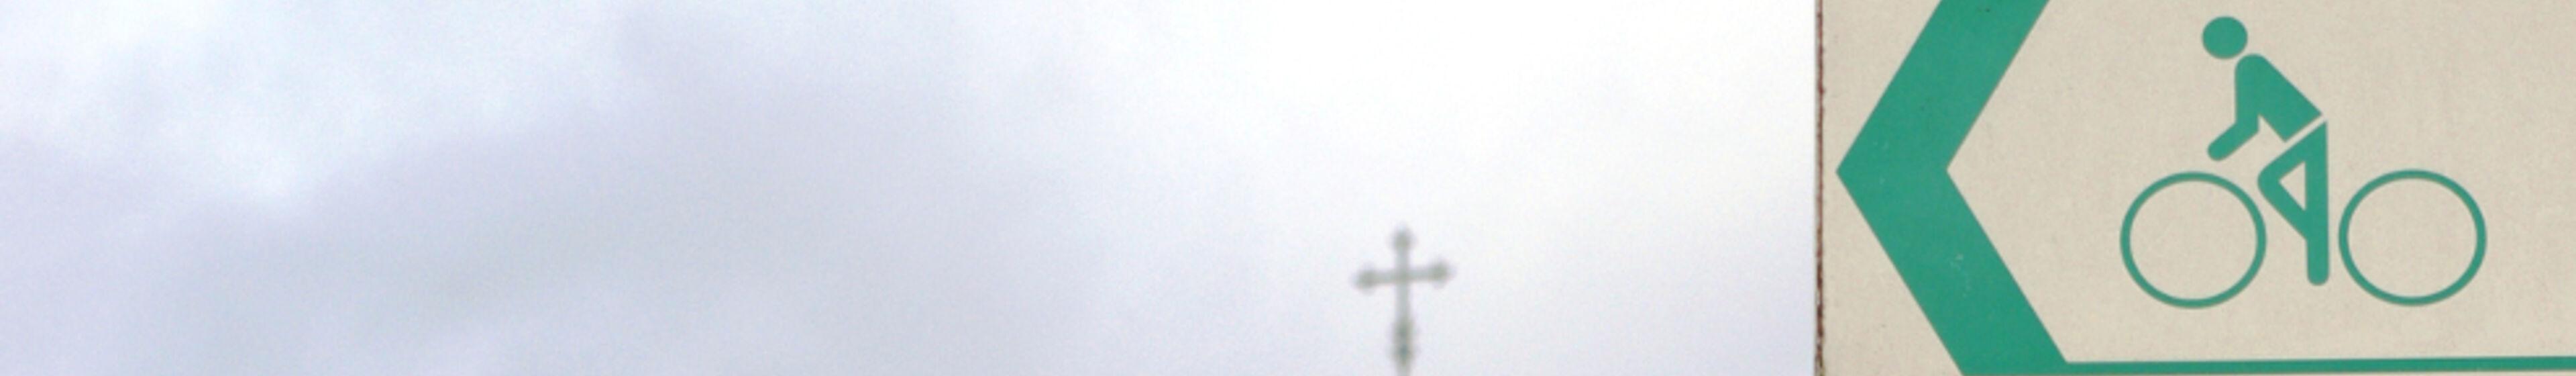 Kirche auf dem Rad - Header